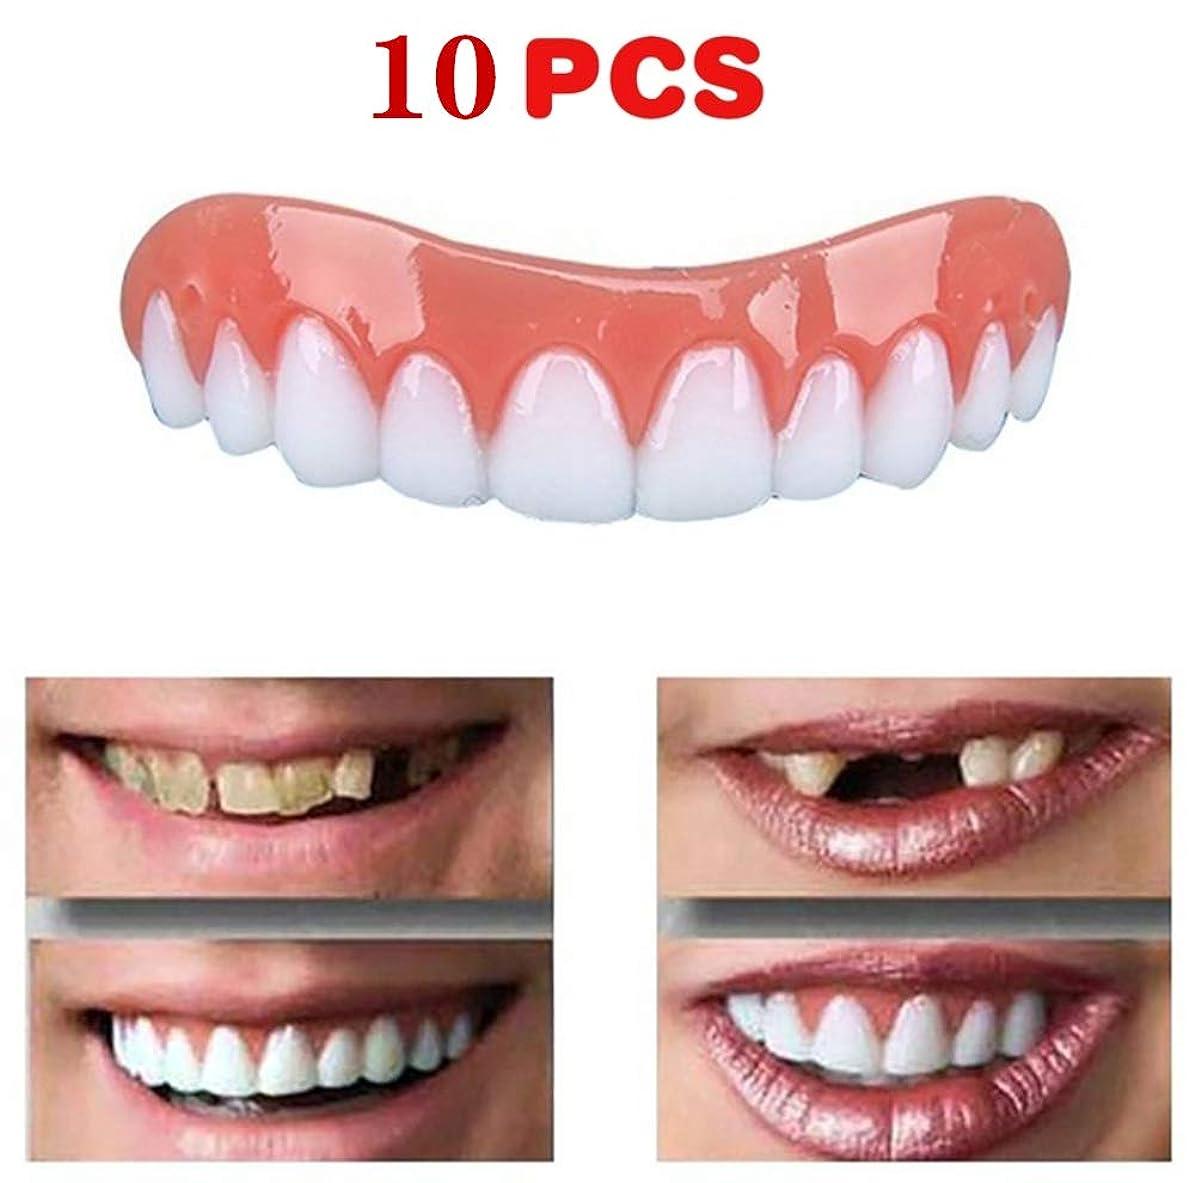 理由安定した消費10ピース新しい再利用可能な大人のスナップオンパーフェクトスマイルホワイトニング義歯フィットフレックス化粧品歯快適な突き板カバーデンタルケアアクセサリー